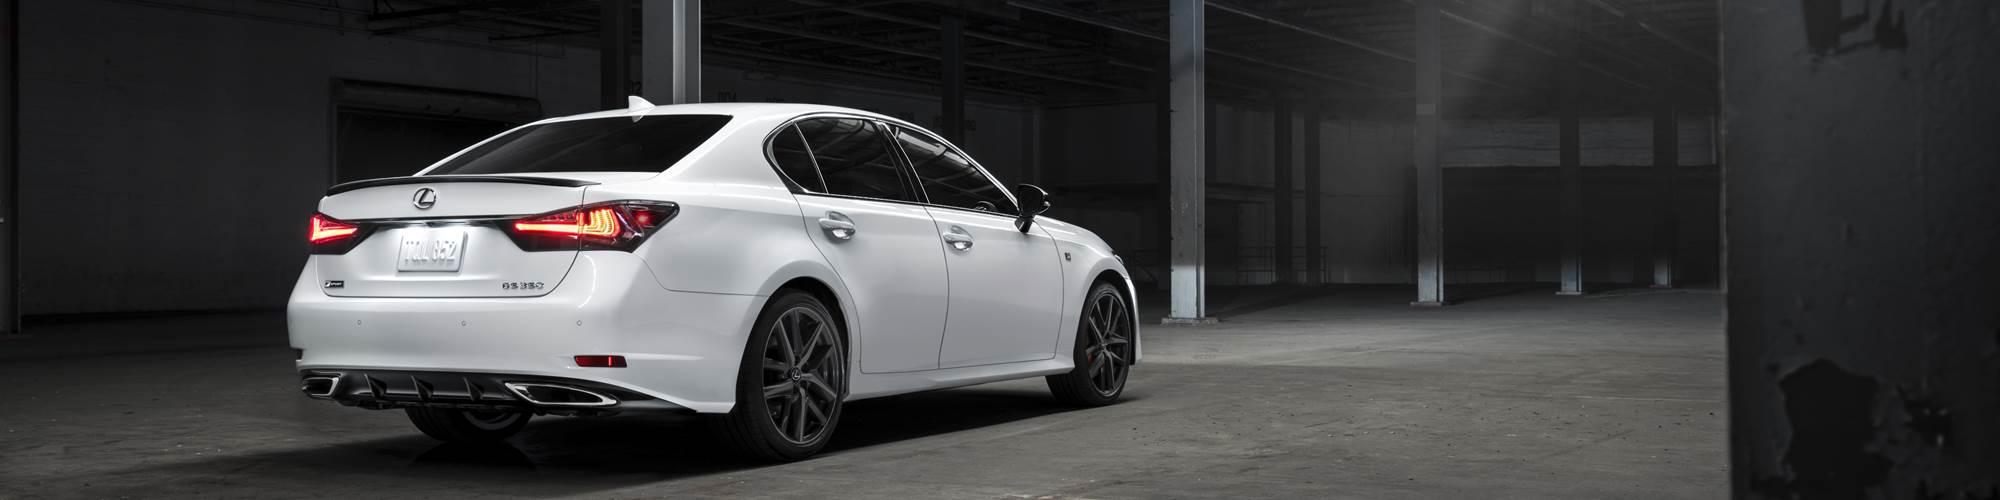 Lexus GS F Sport rear